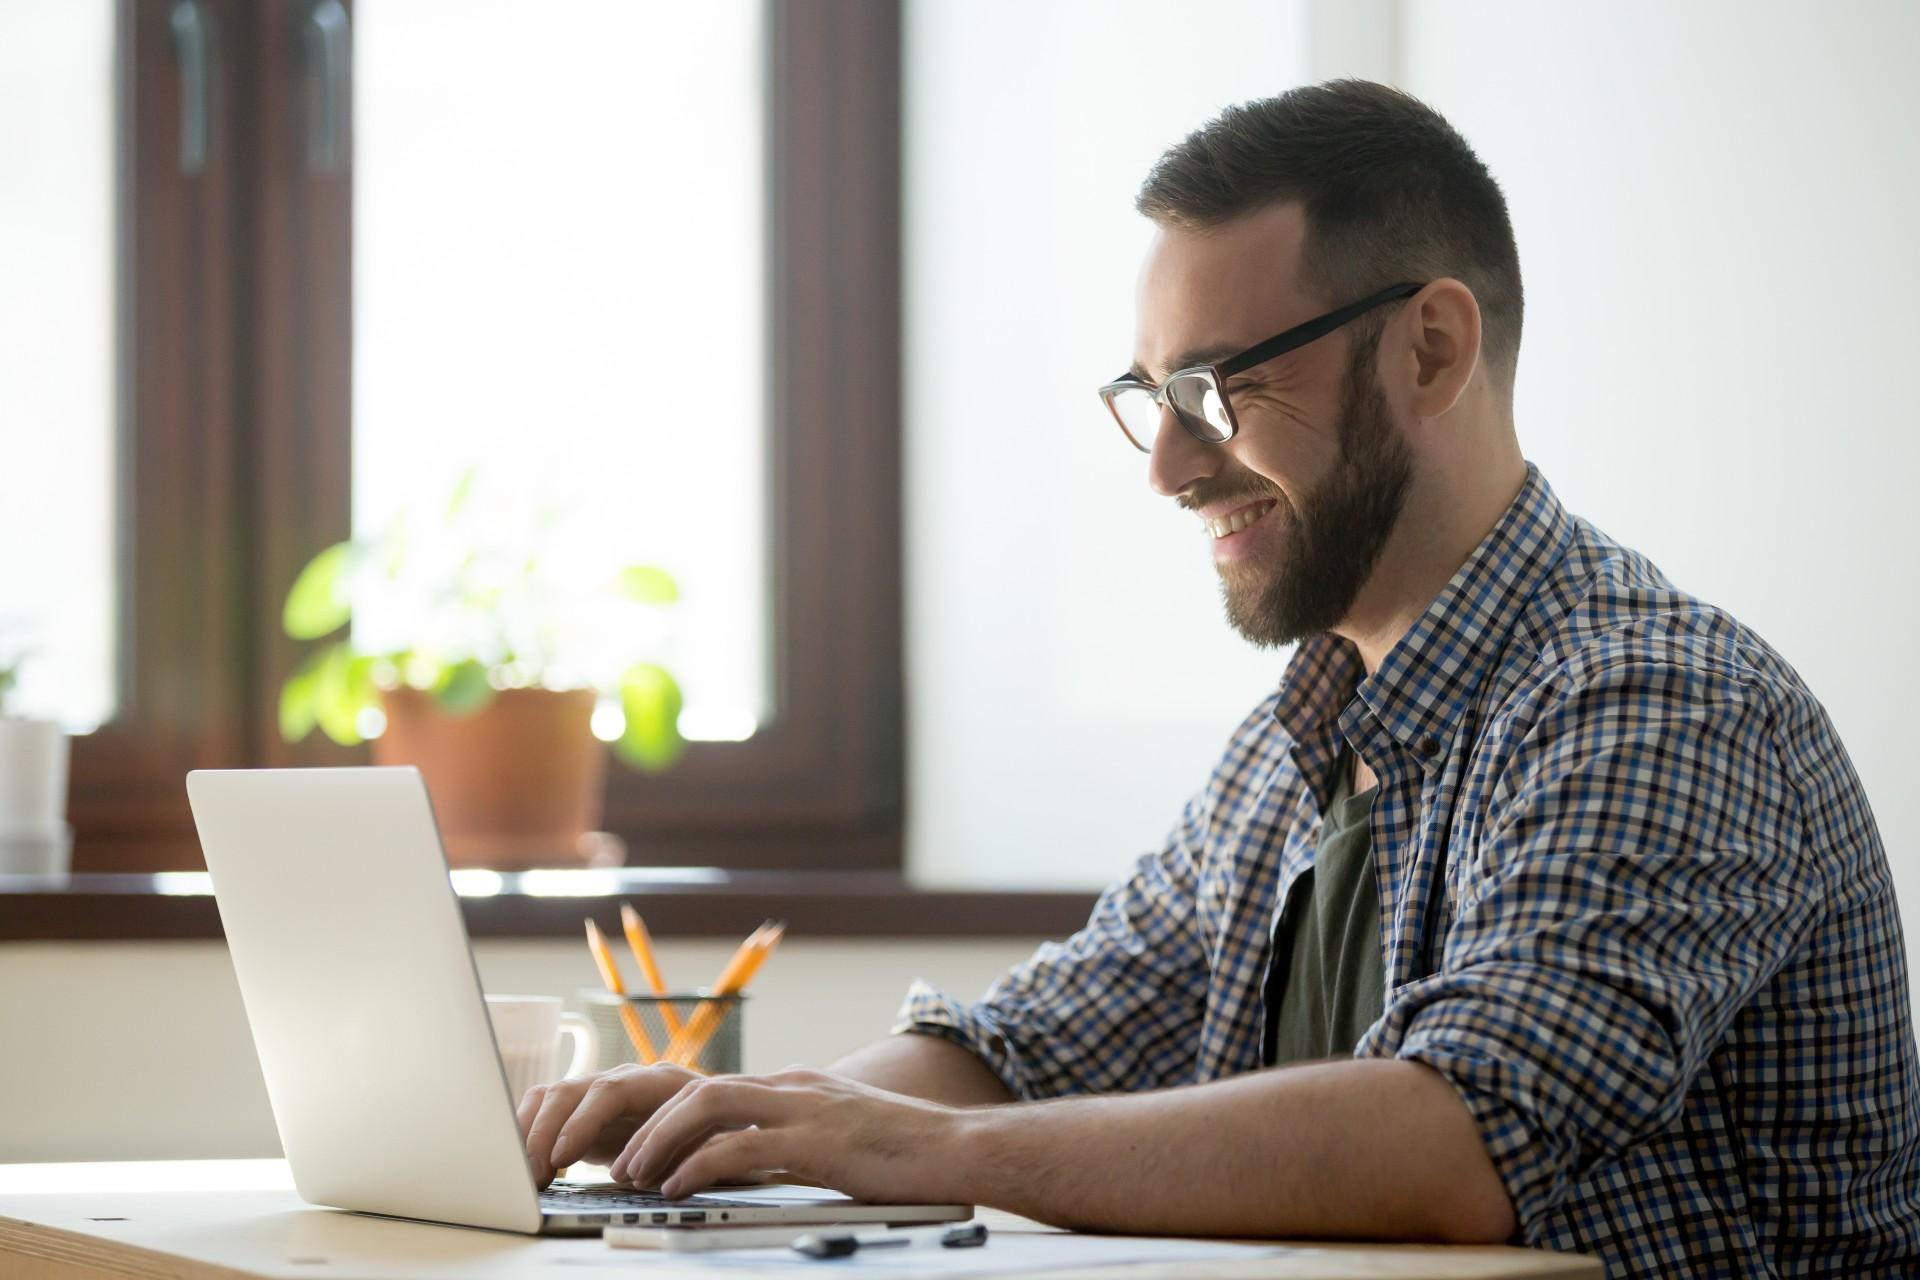 homem usando o notebook, pensando em criar um ambiente virtual com acessibilidade digital